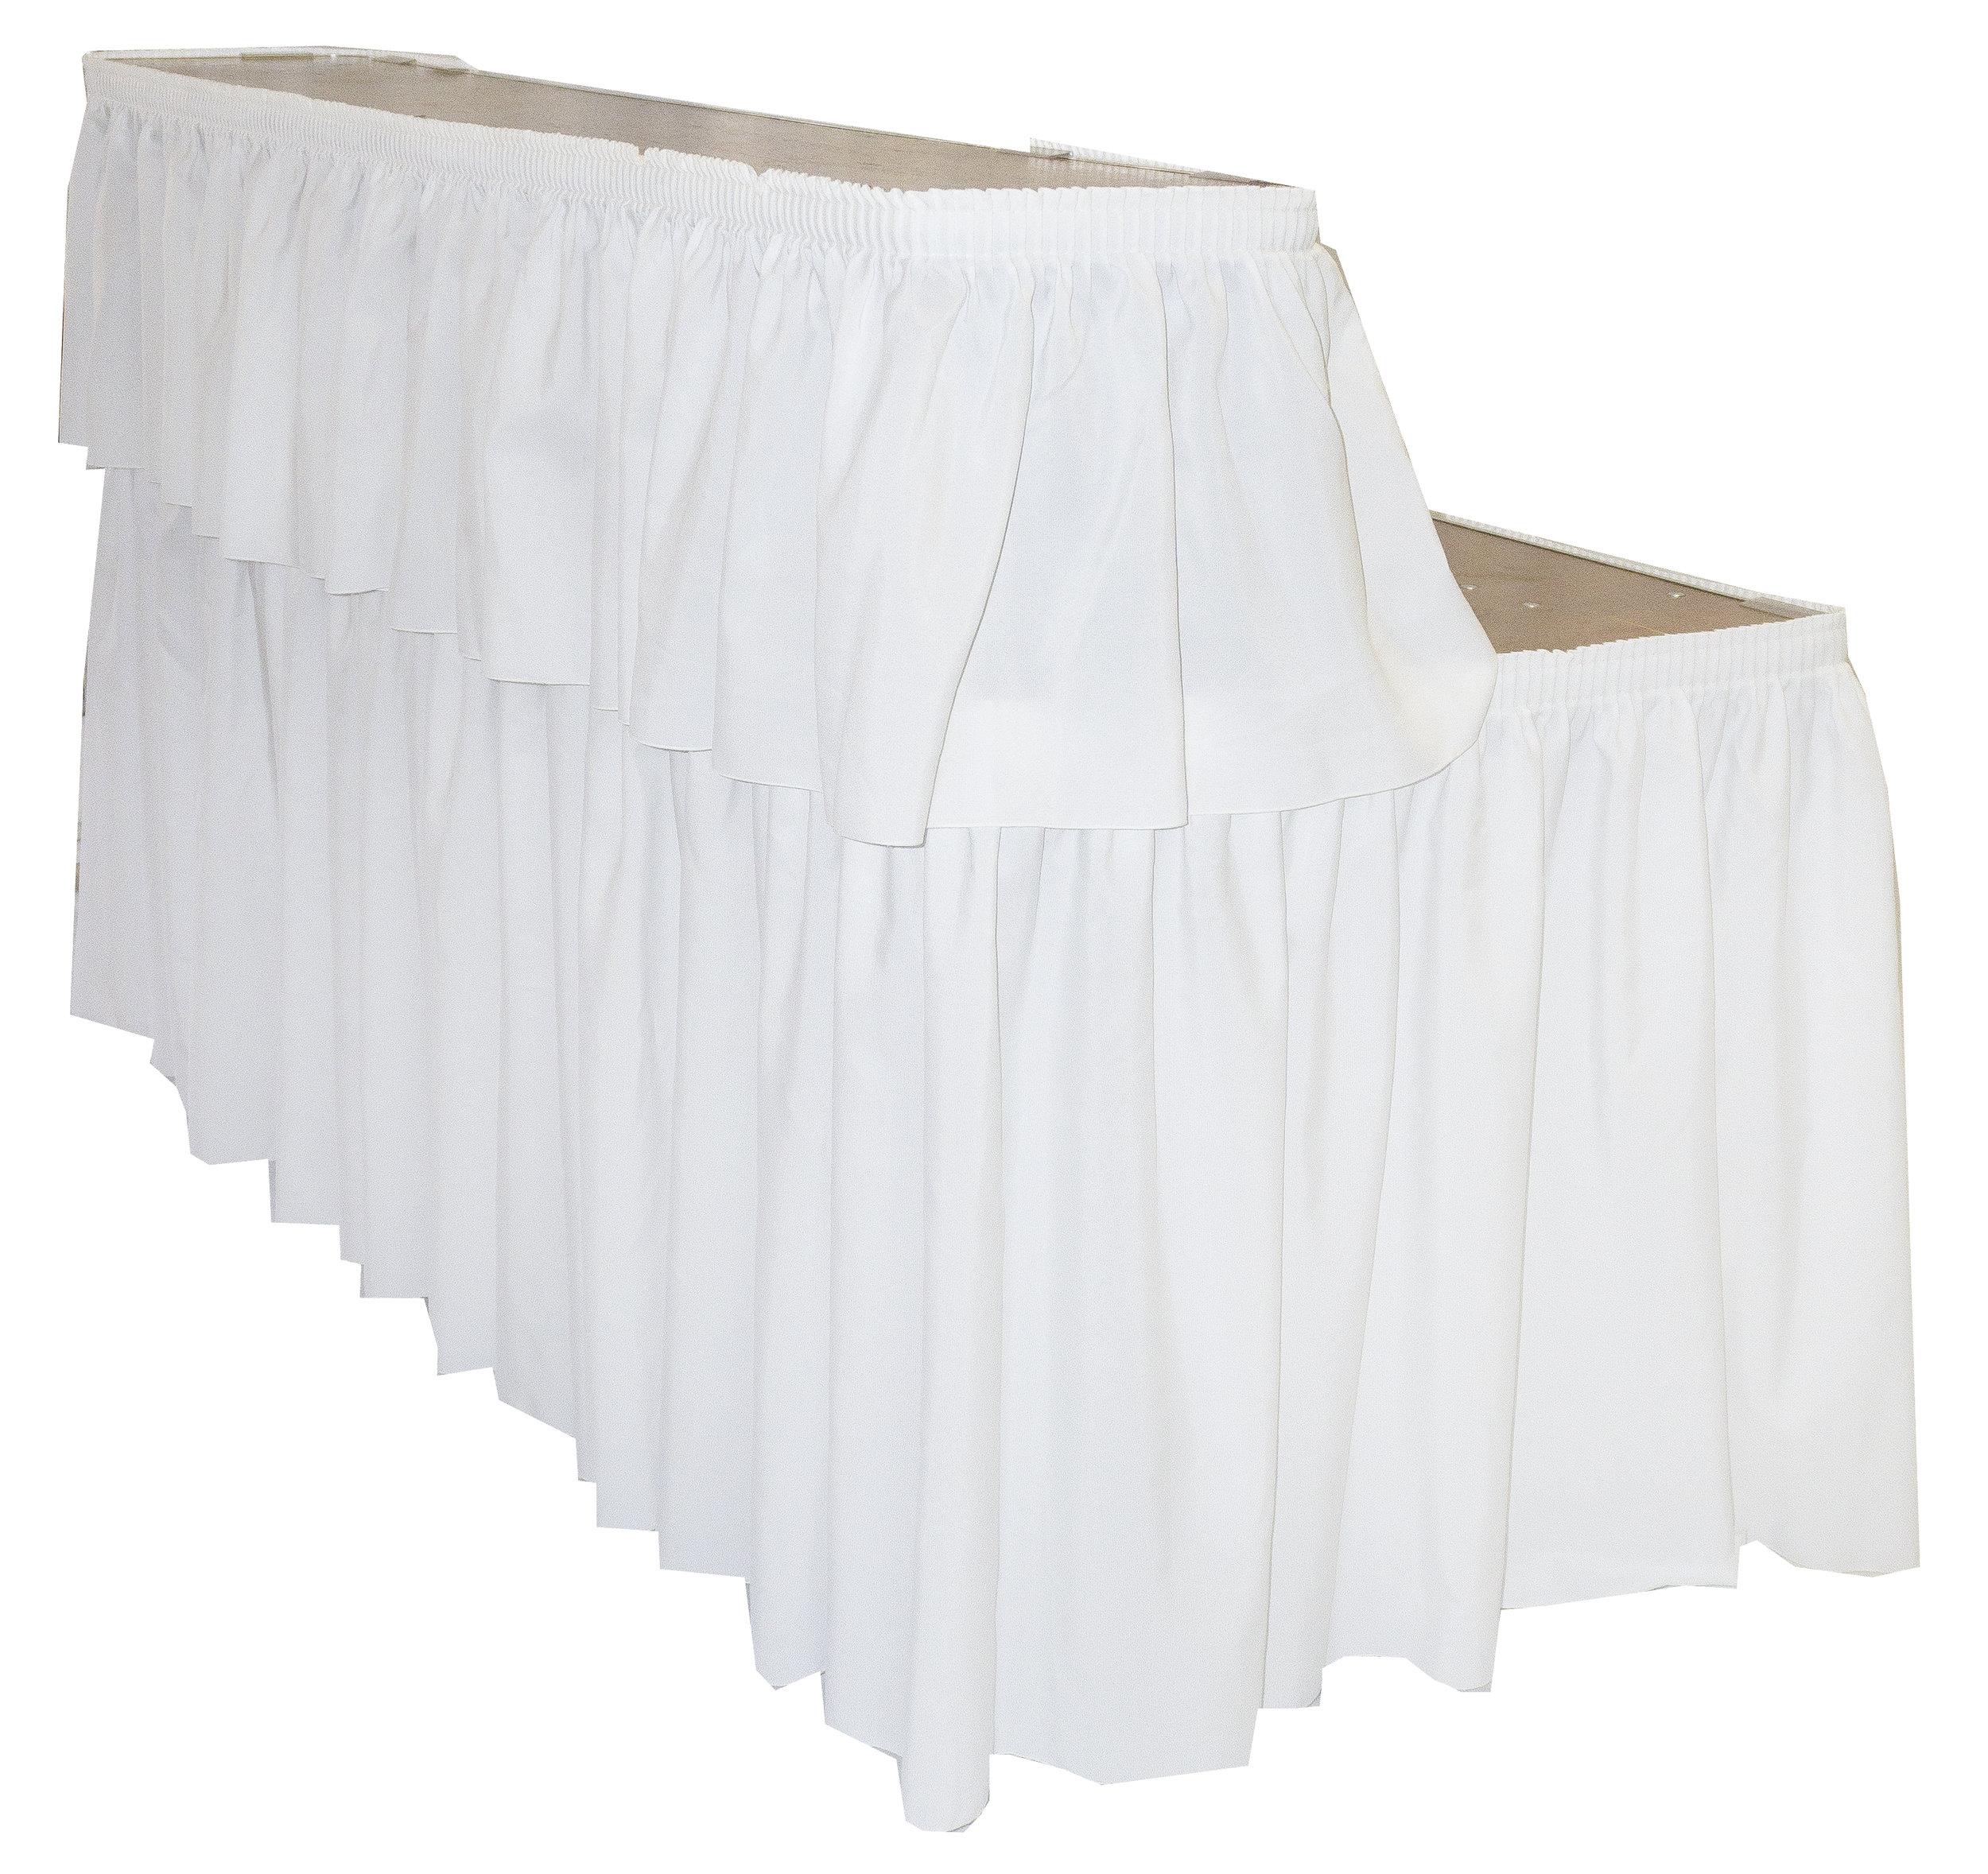 table bar skirt.jpg